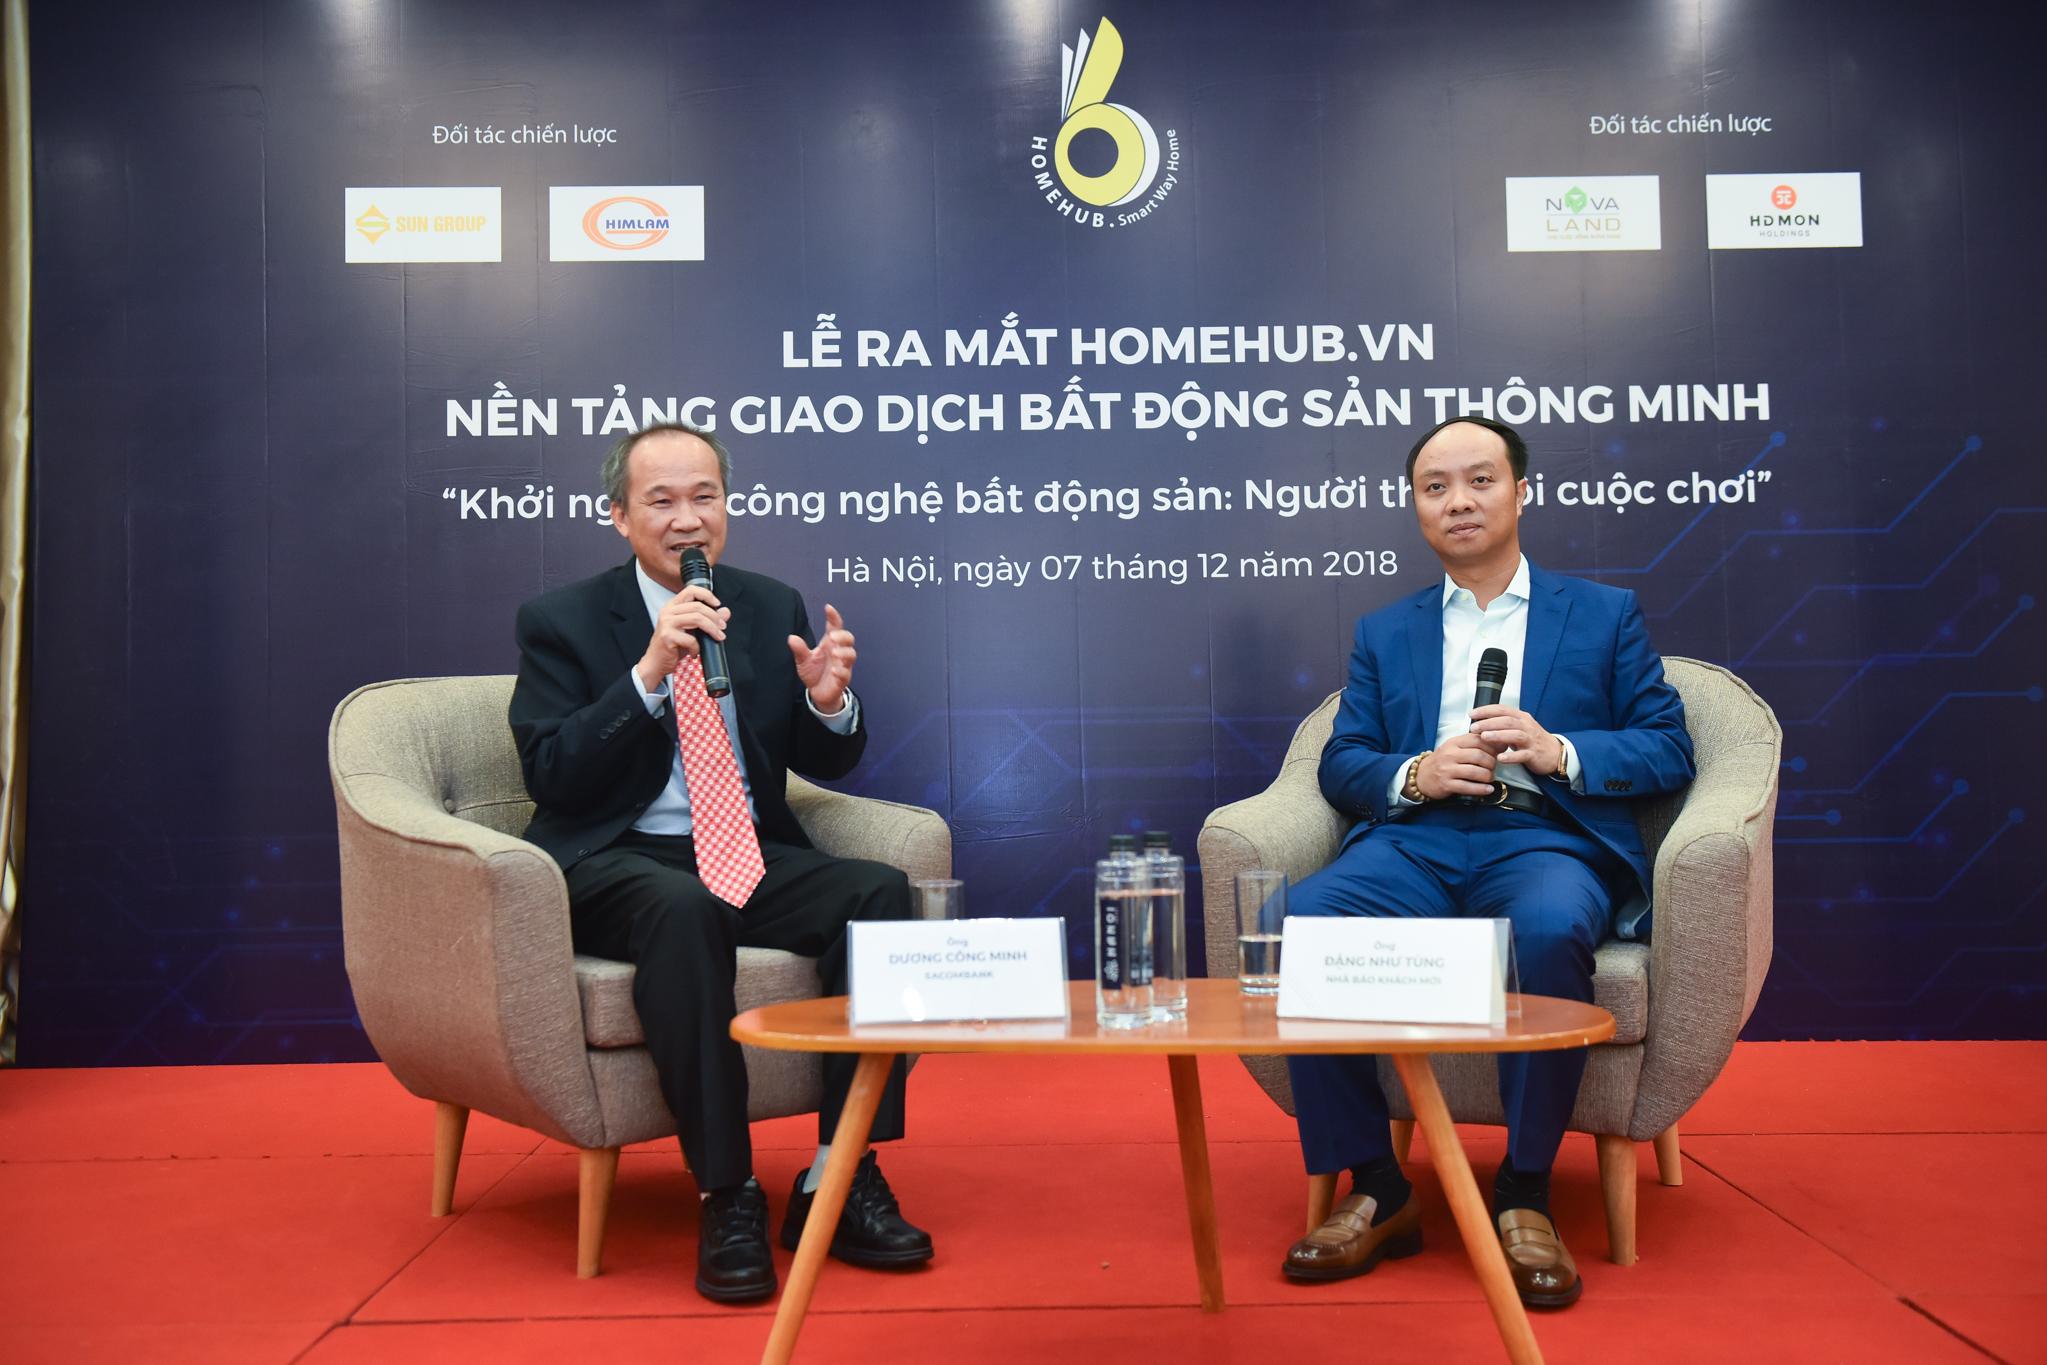 HomeHub.vn – nền tảng giao dịch bất động sản thông minh ra mắt